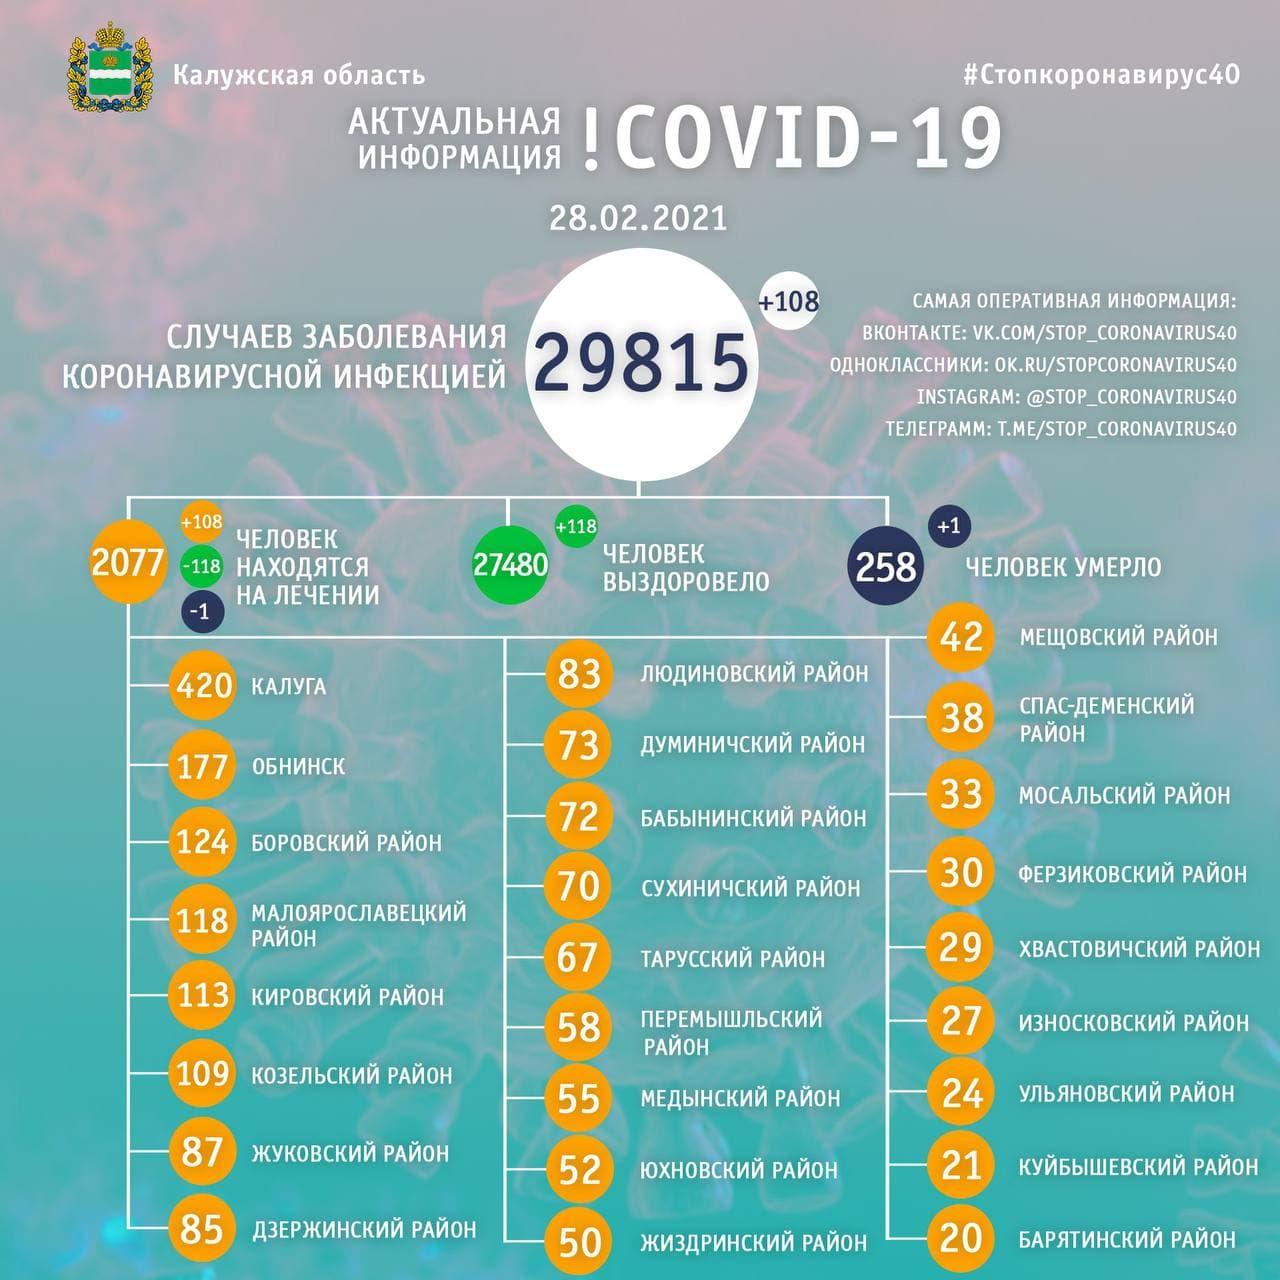 Официальная статистика по коронавирусу в Калужской области 28 февраля 2021 года.